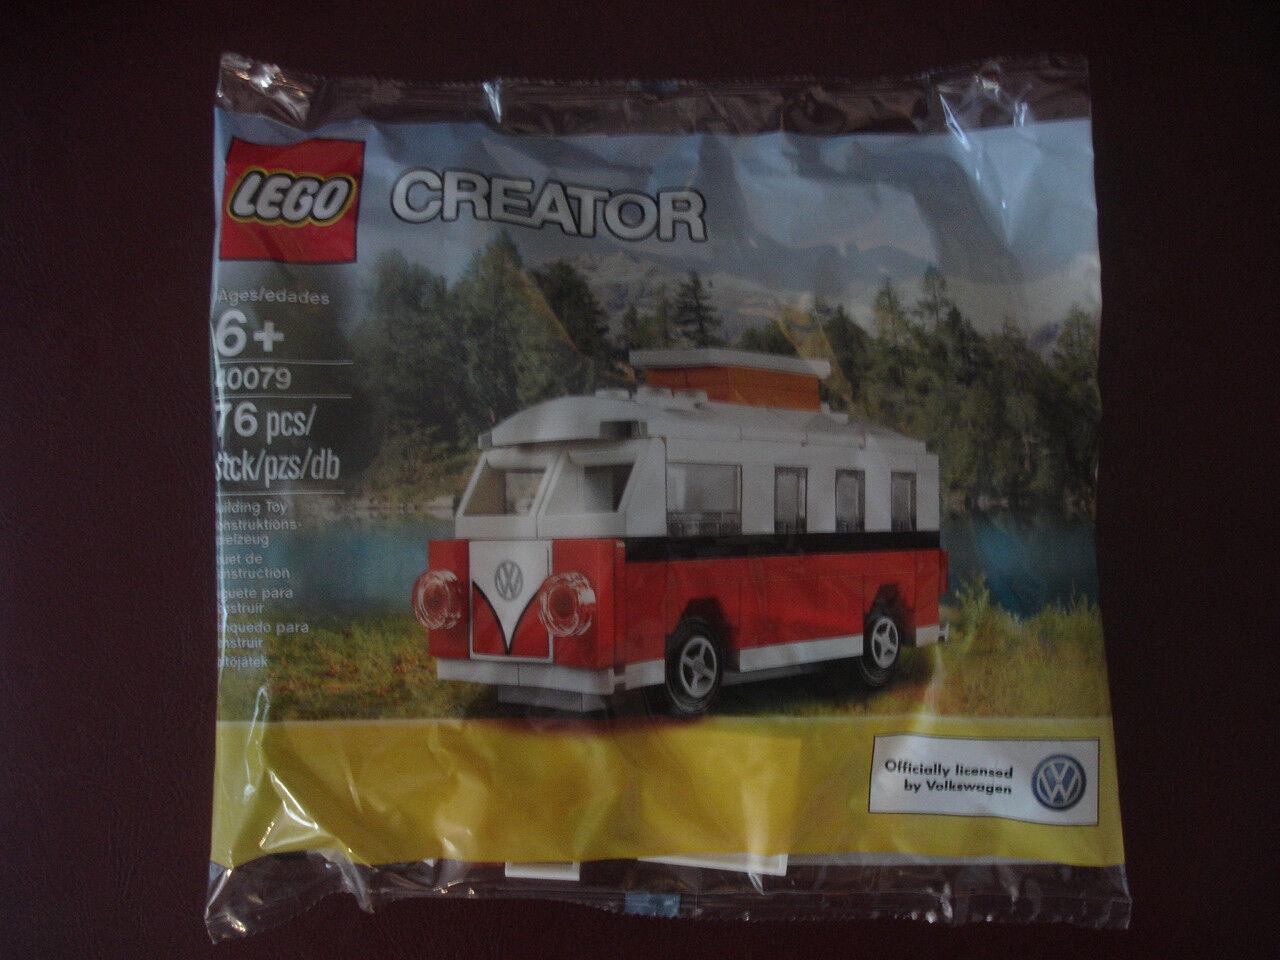 NEW LEGO CREATOR 40079 VW VOLKSWAGEN CAR CAMPER CAMPER CAMPER SET KIT SEALED IN BAG RARE 454801